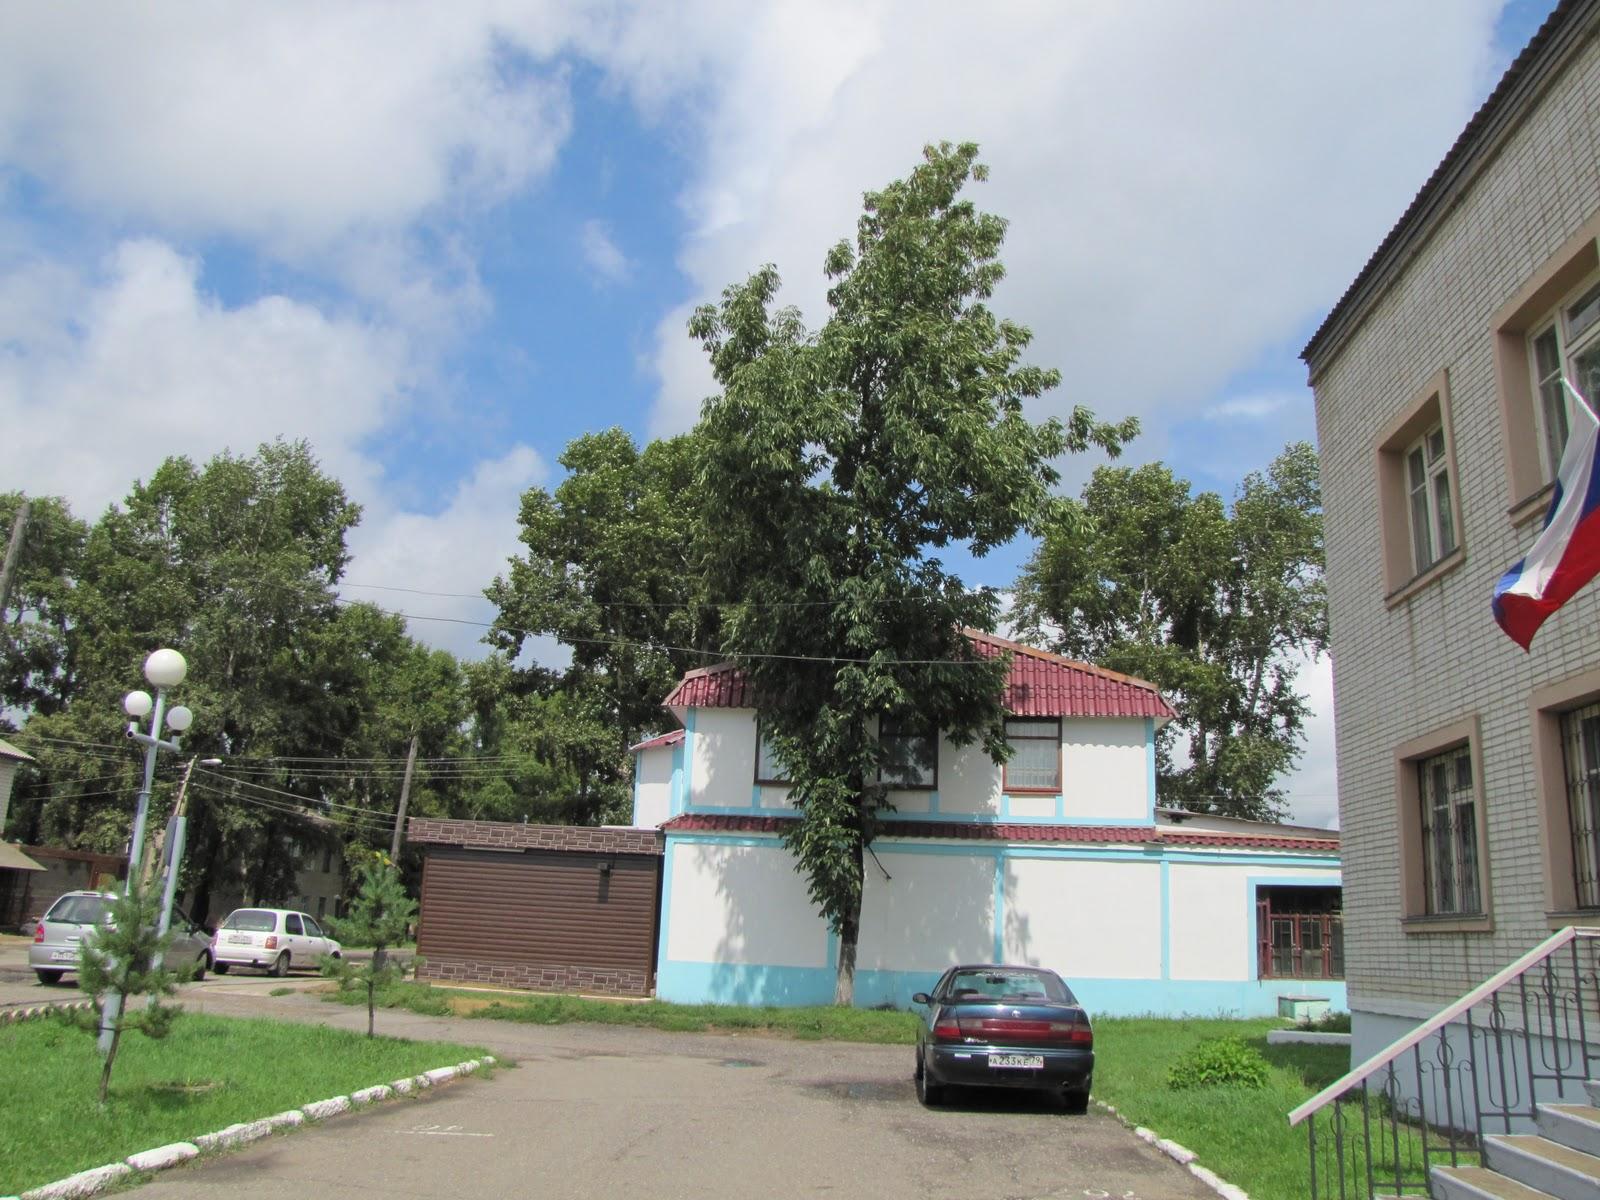 Тревожный звонок поступил в пожарную часть 4 поселка николаевка смидовичского района от жительницы села ключевое в 17